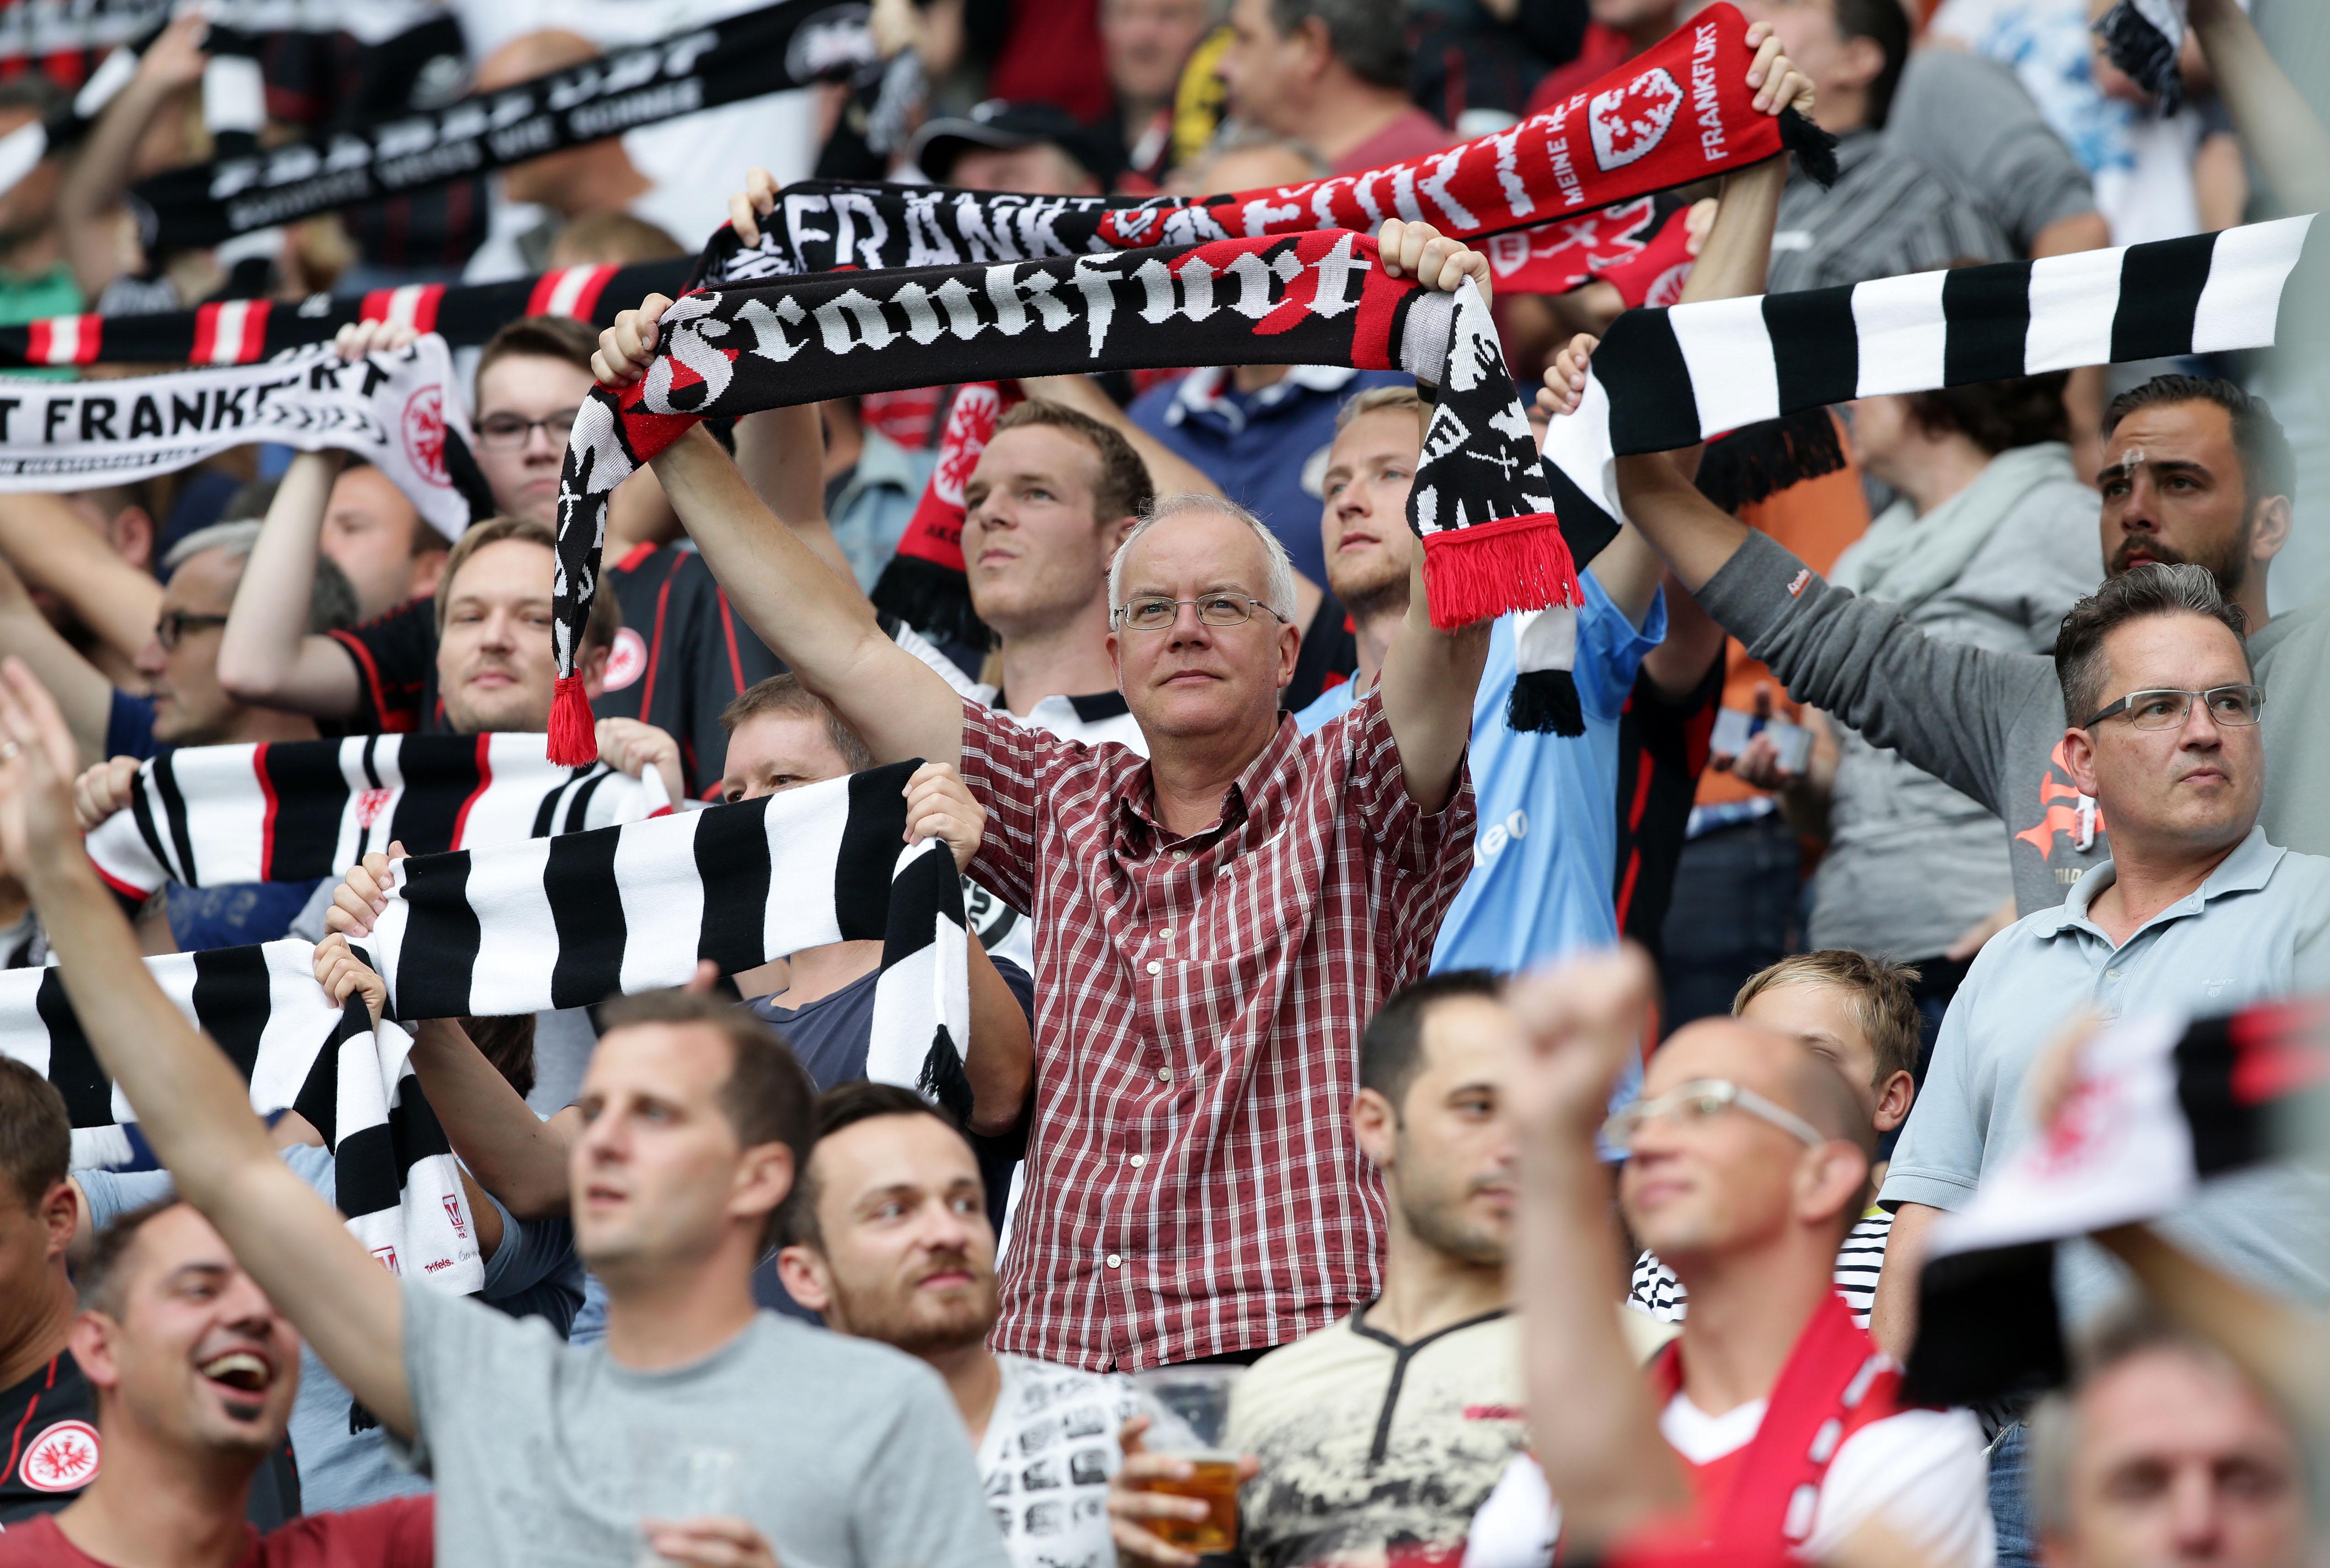 Eine Solidaritätskampagne Für Flüchtlinge Spaltet Fans Und Vereine